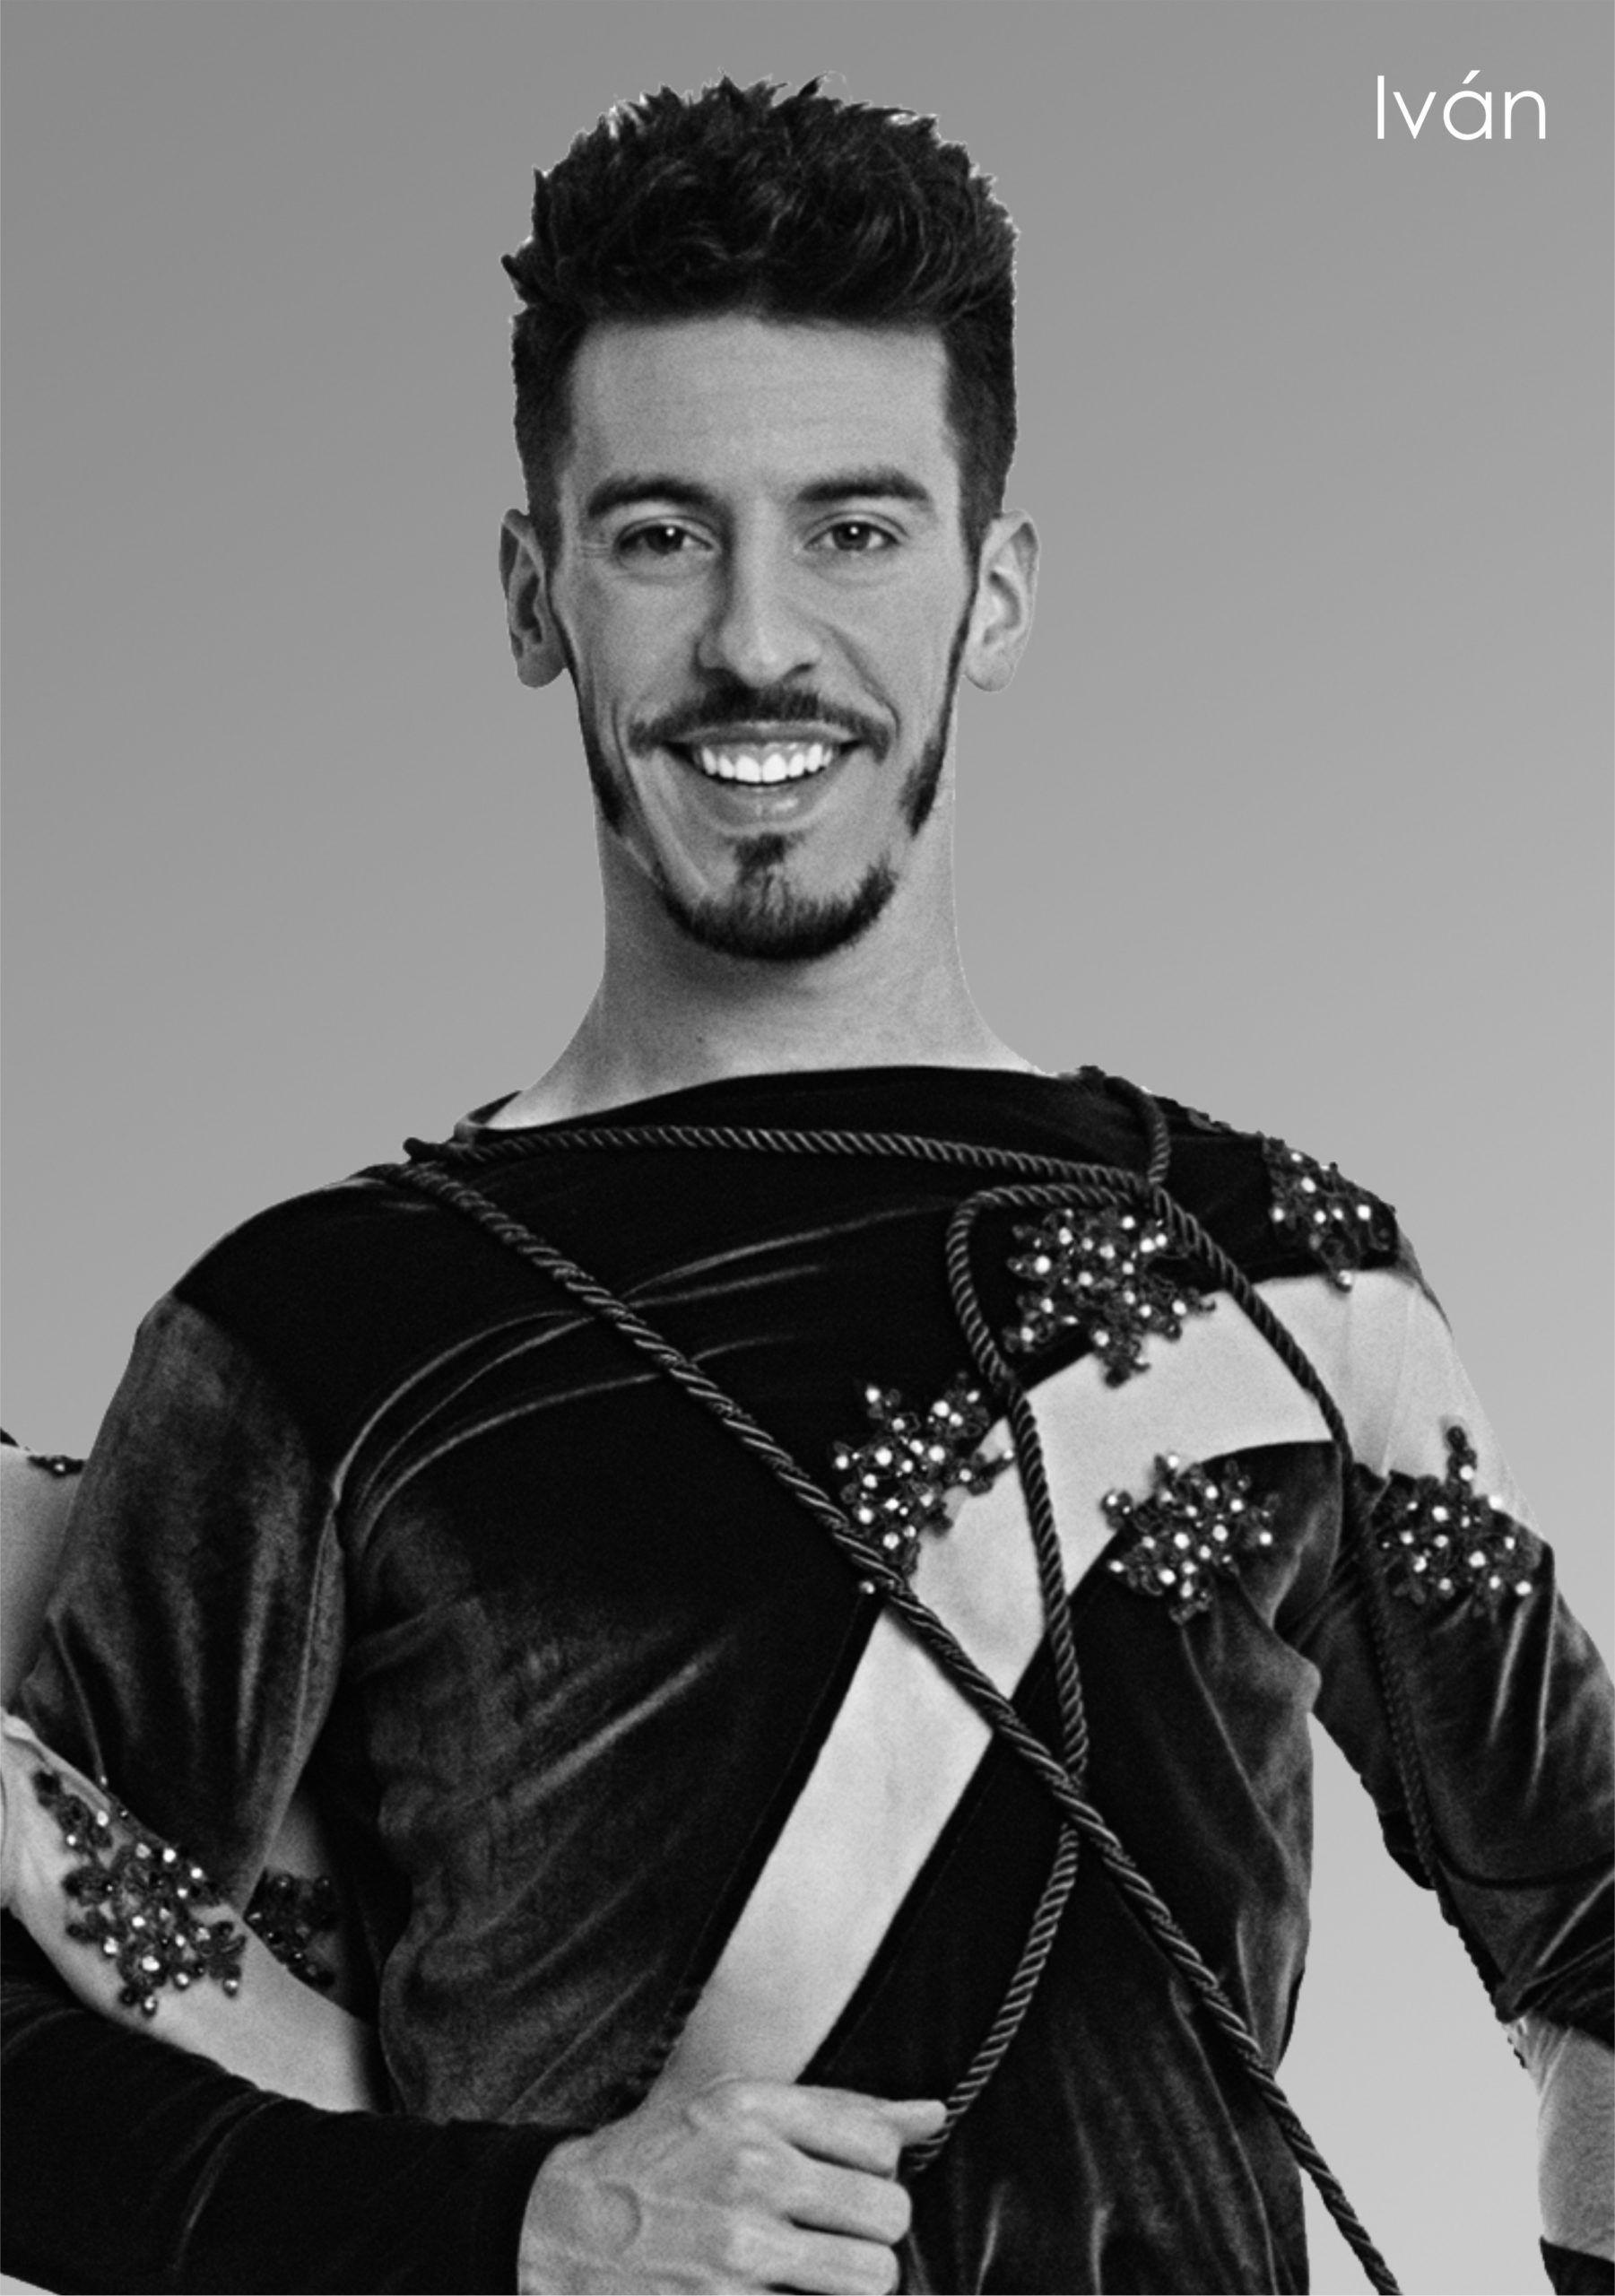 Iván (Latinos, Hip Hop, Pre Danza)